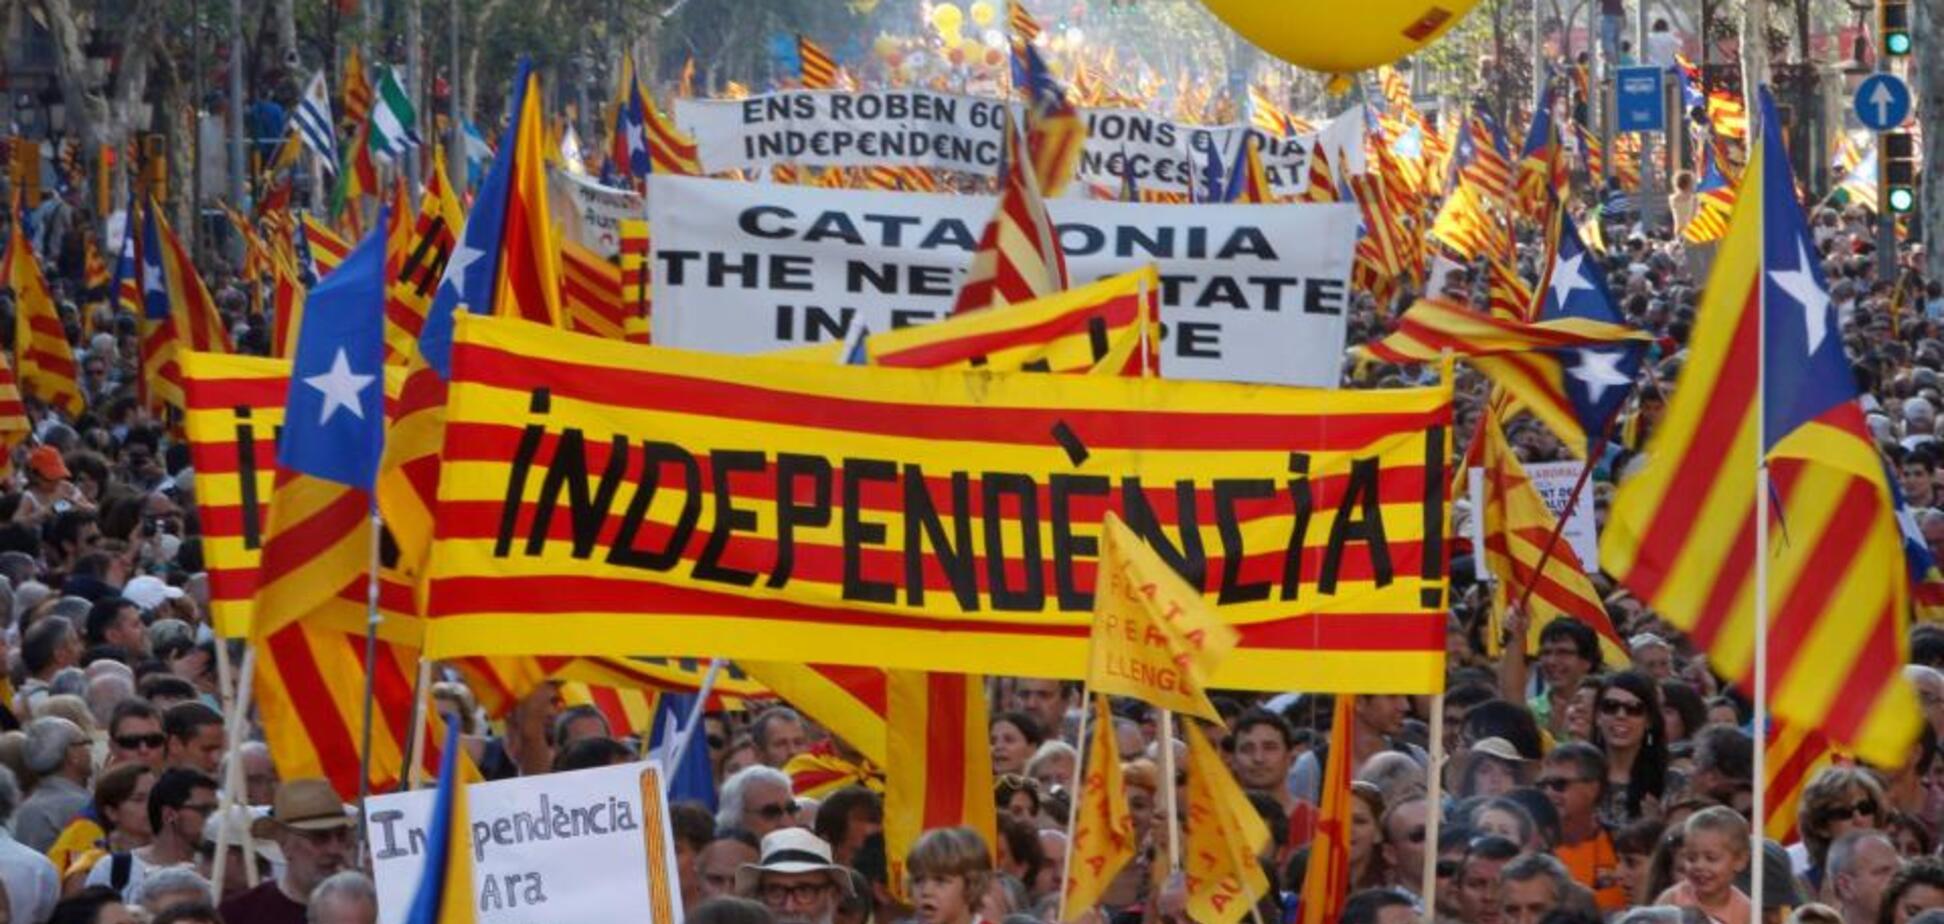 'Это катастрофа': в ЕС сообщили о серьезных проблемах из-за Каталонии